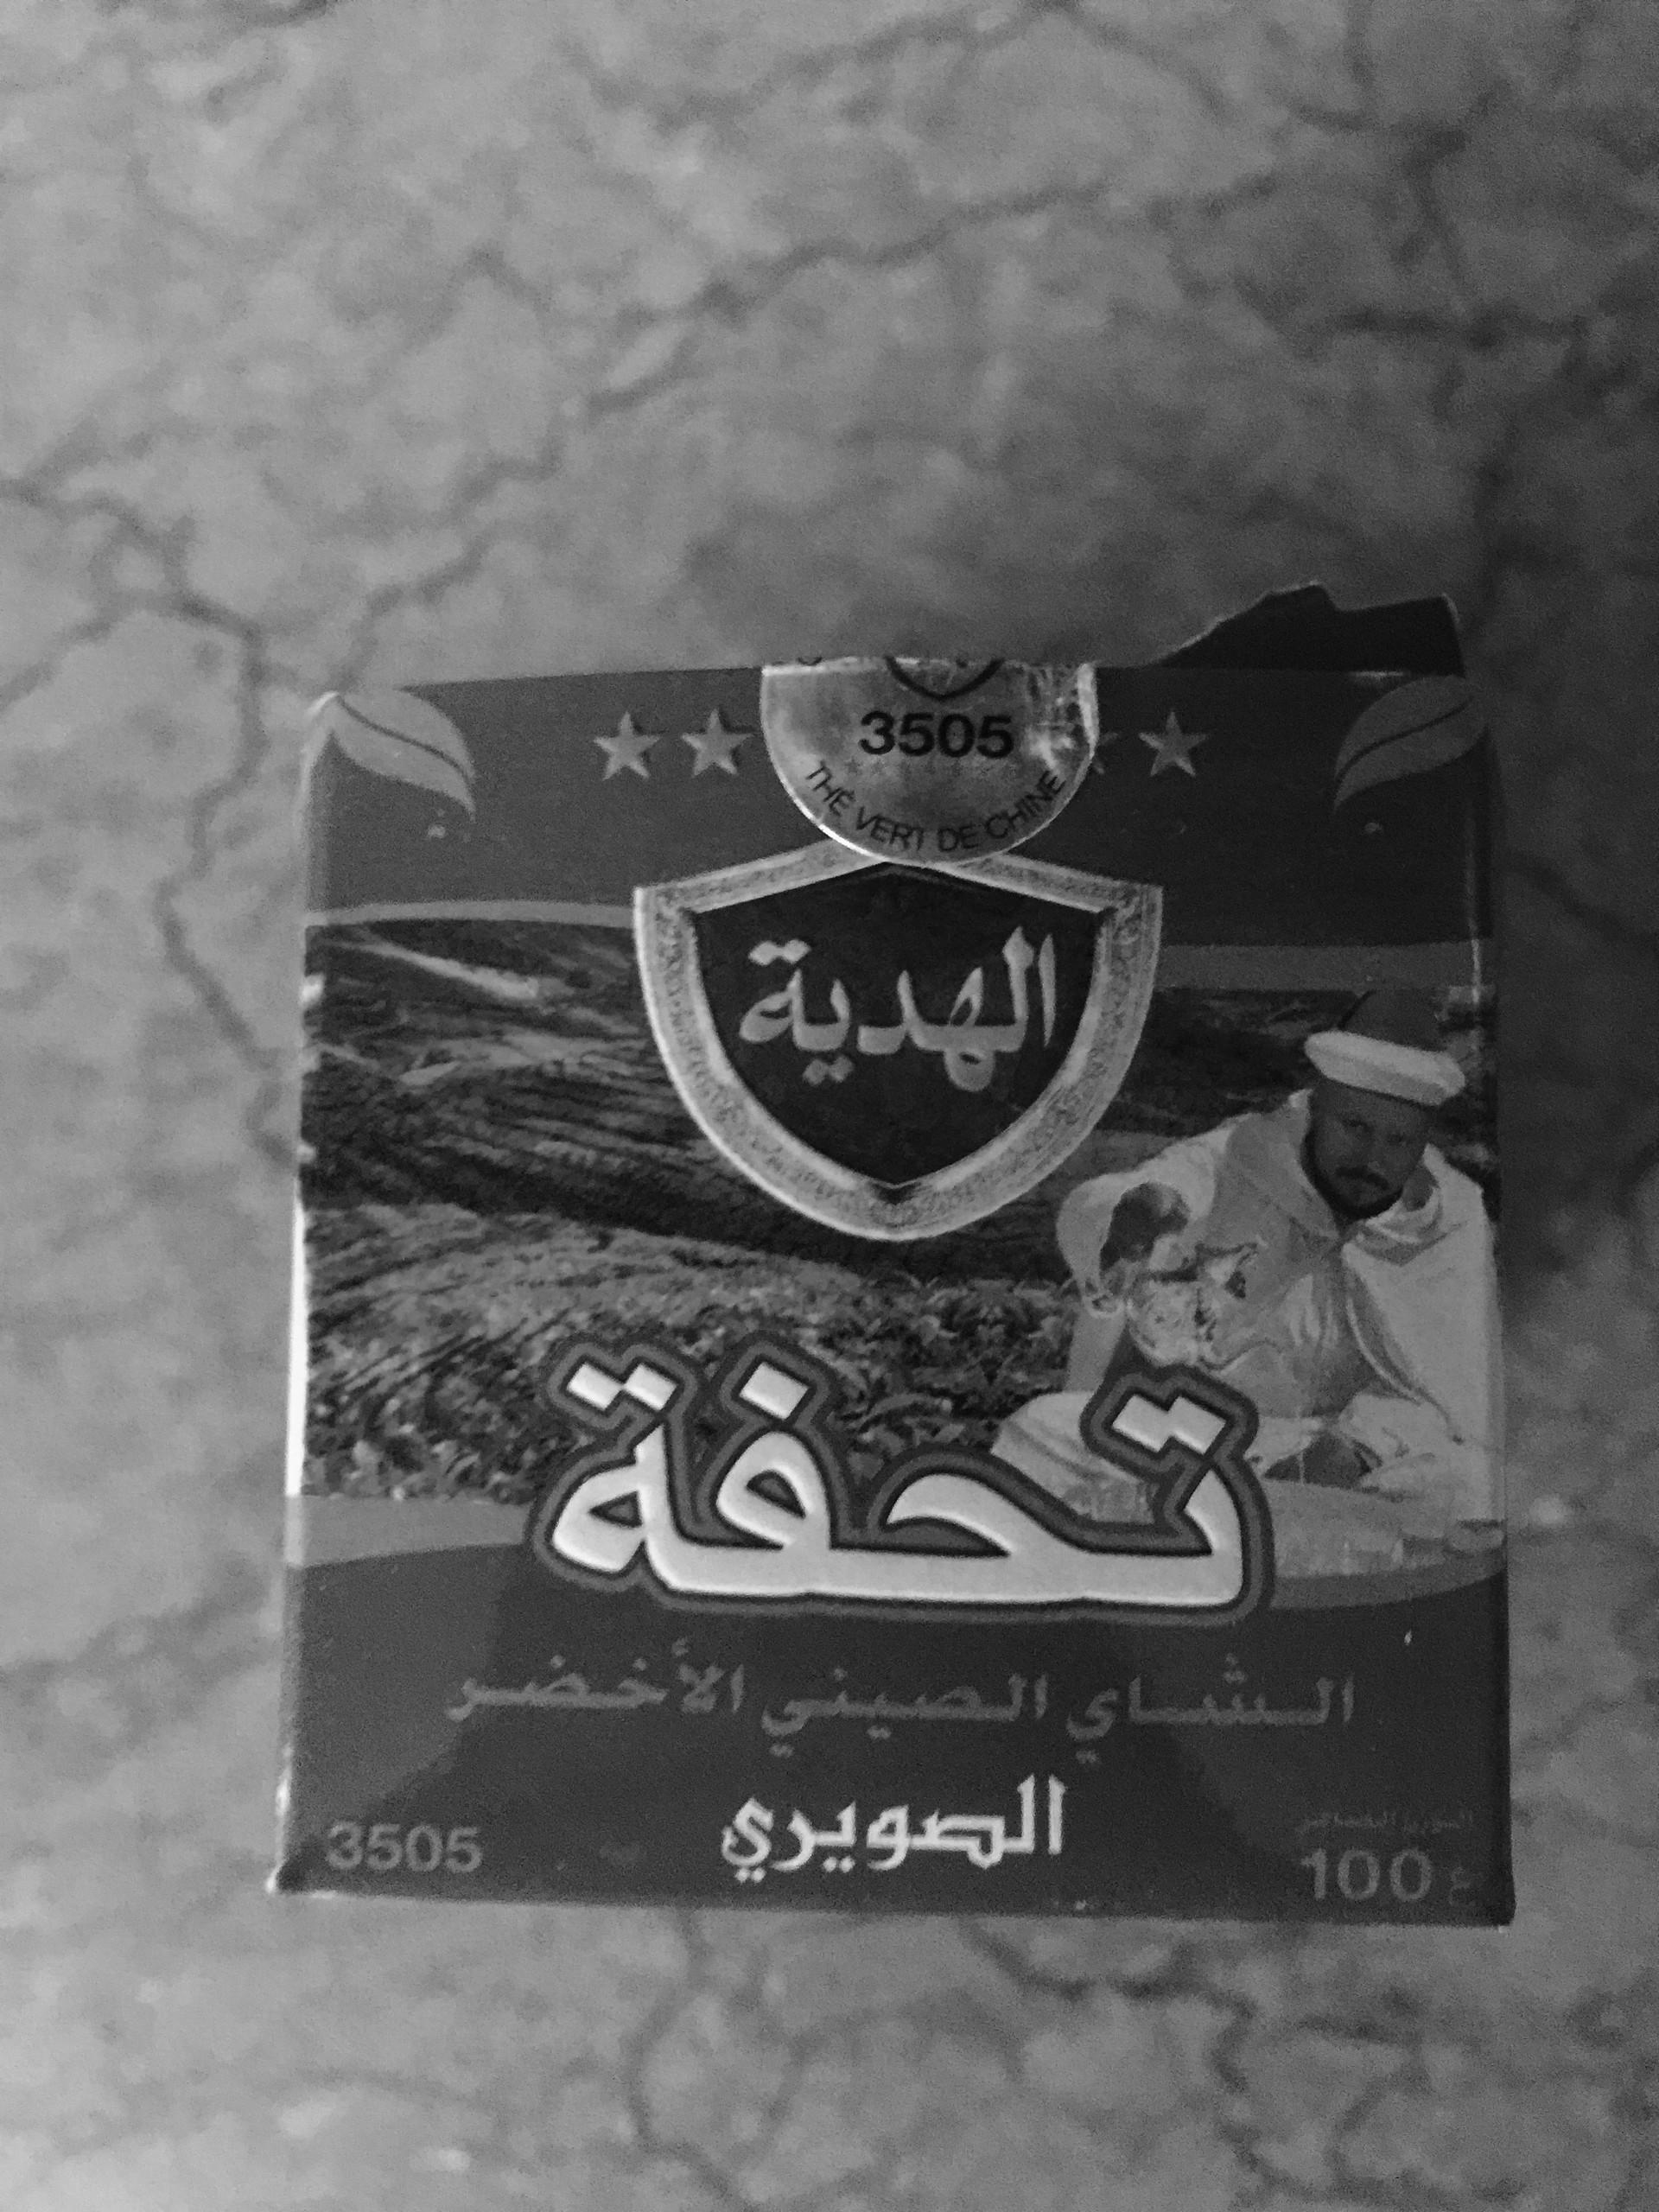 fas-nane-cayi-tarifi-7daea6400a62372da1f